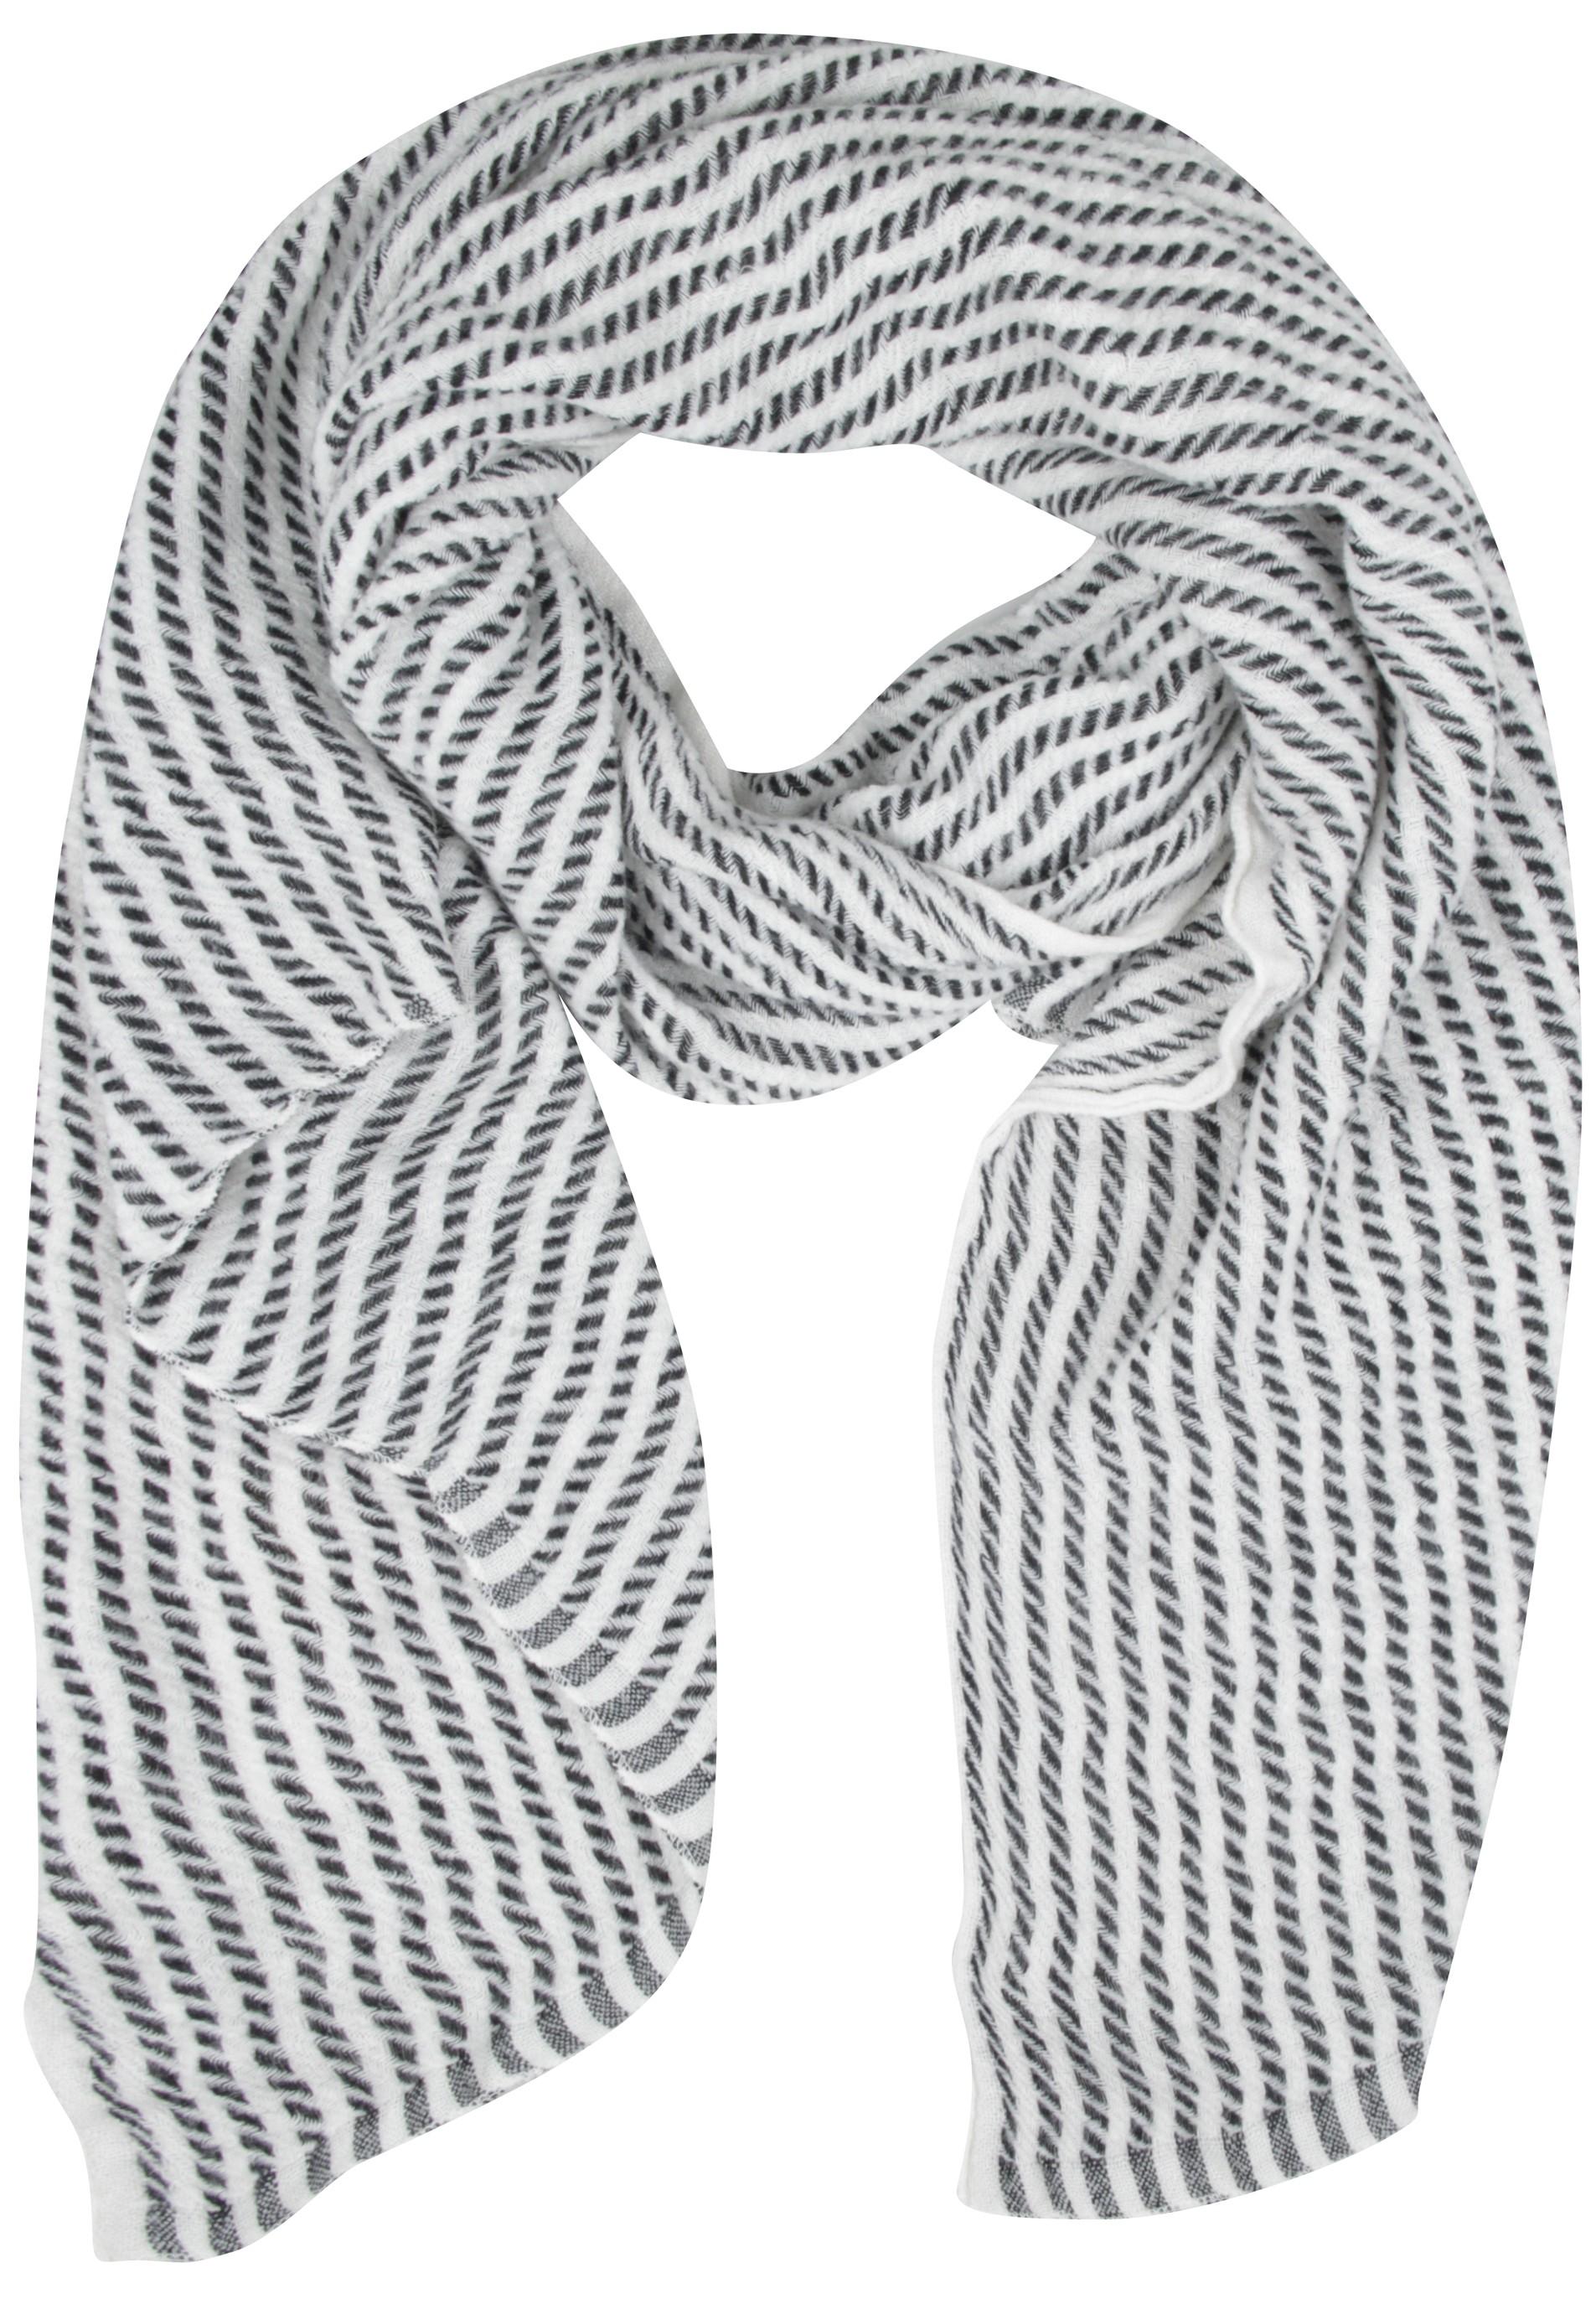 Kuscheliger Schal mit Streifen